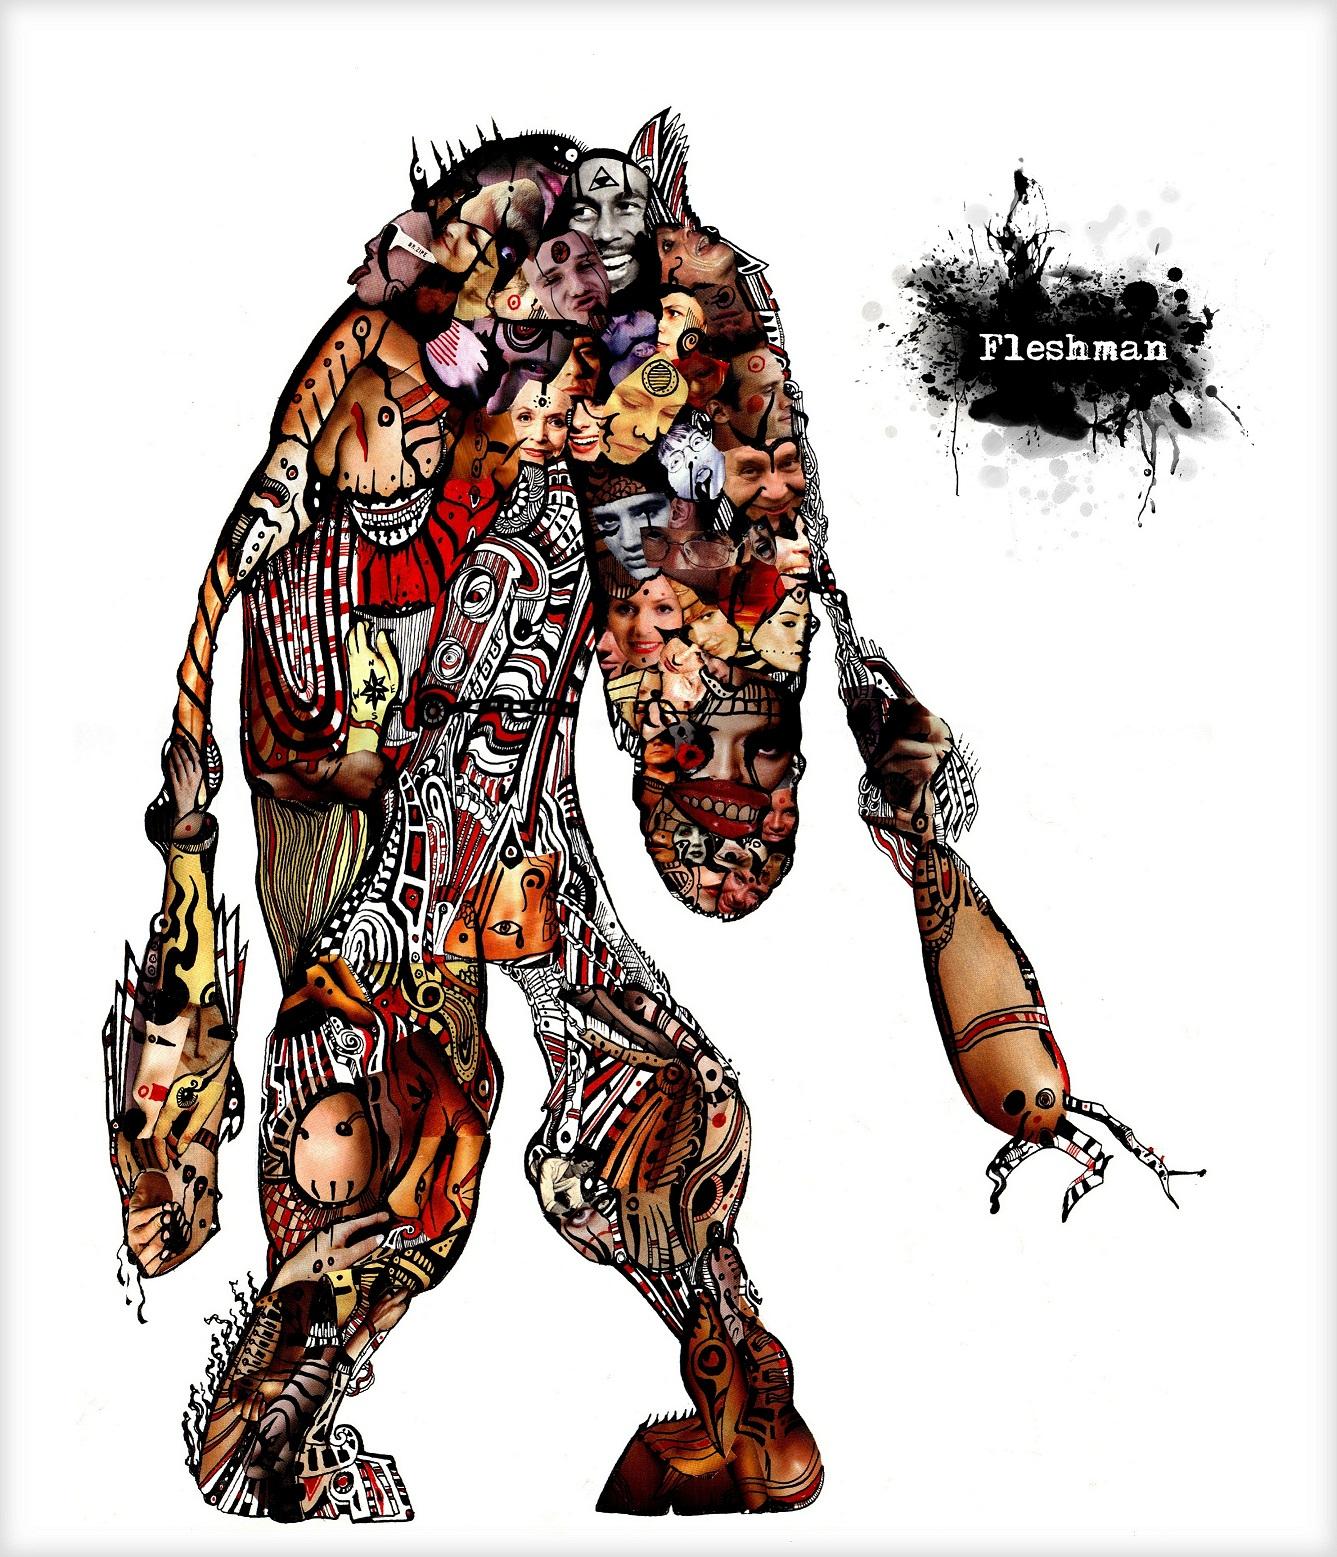 Fleshman